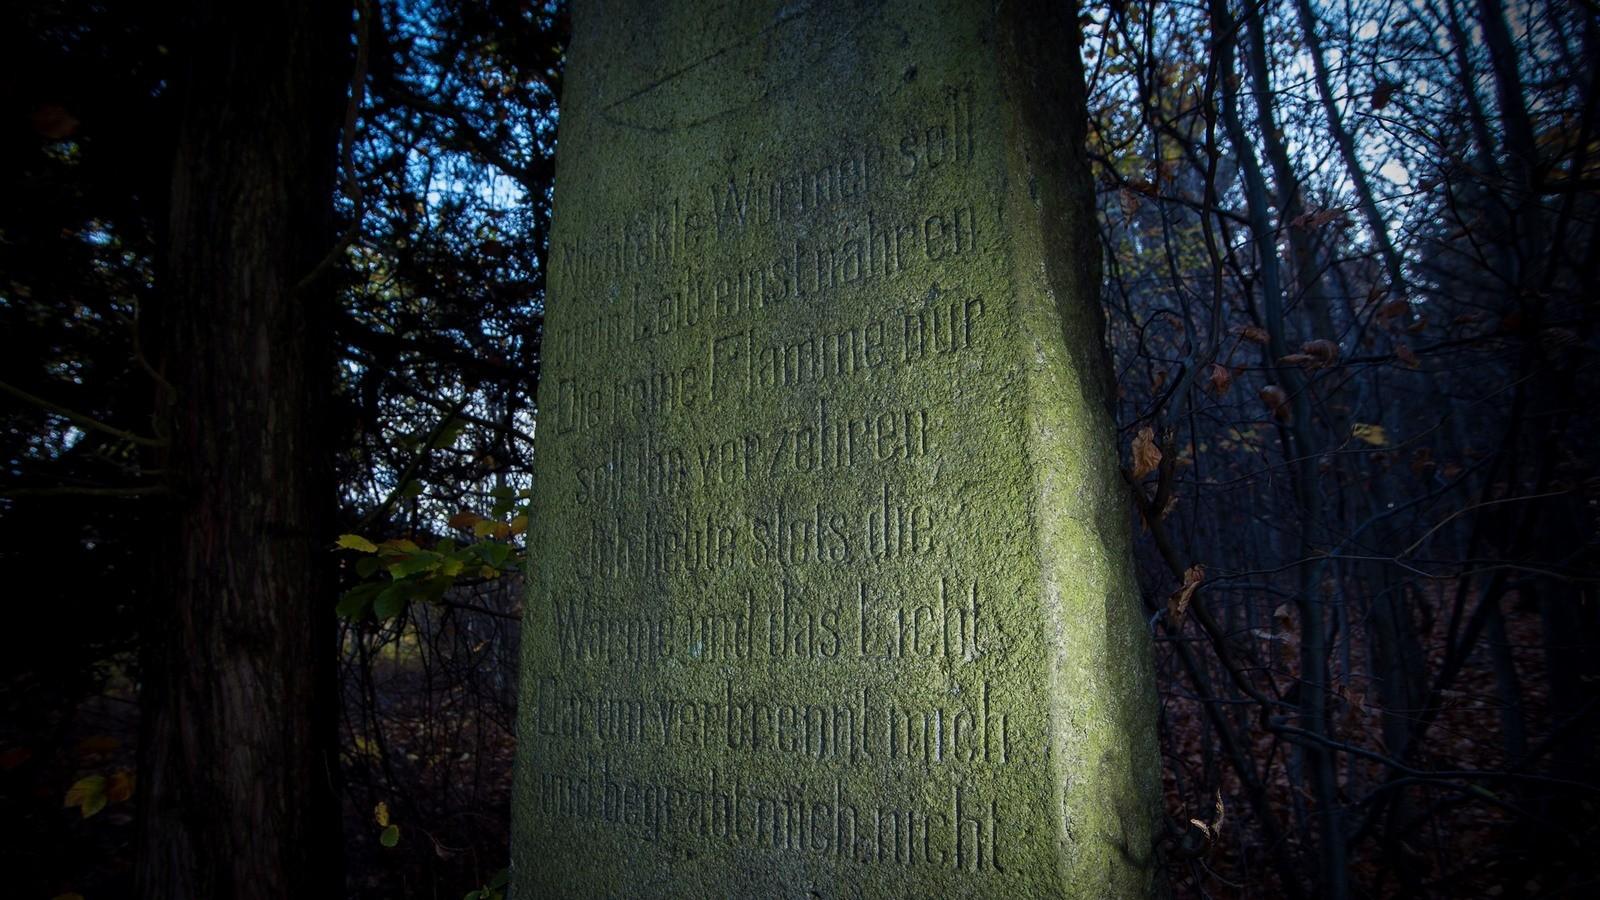 Cmentarz czcicieli światła wSzklarskiej Porebie